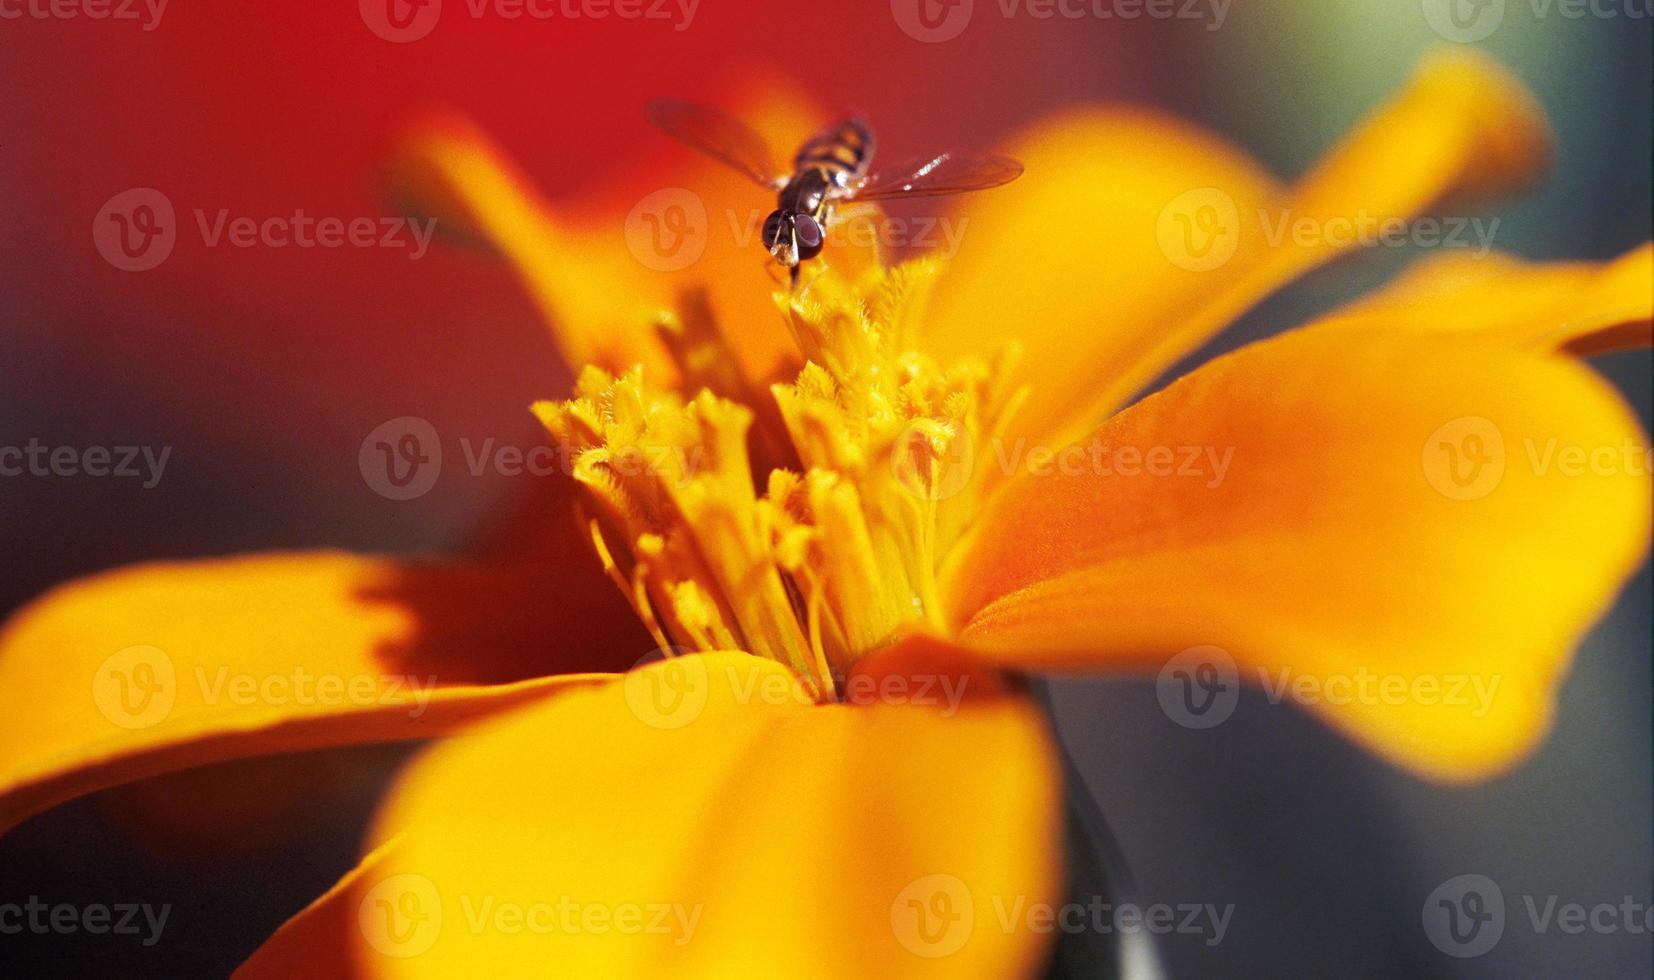 mosca de patas largas que se cierne sobre la hermosa flor de color naranja amarillento foto